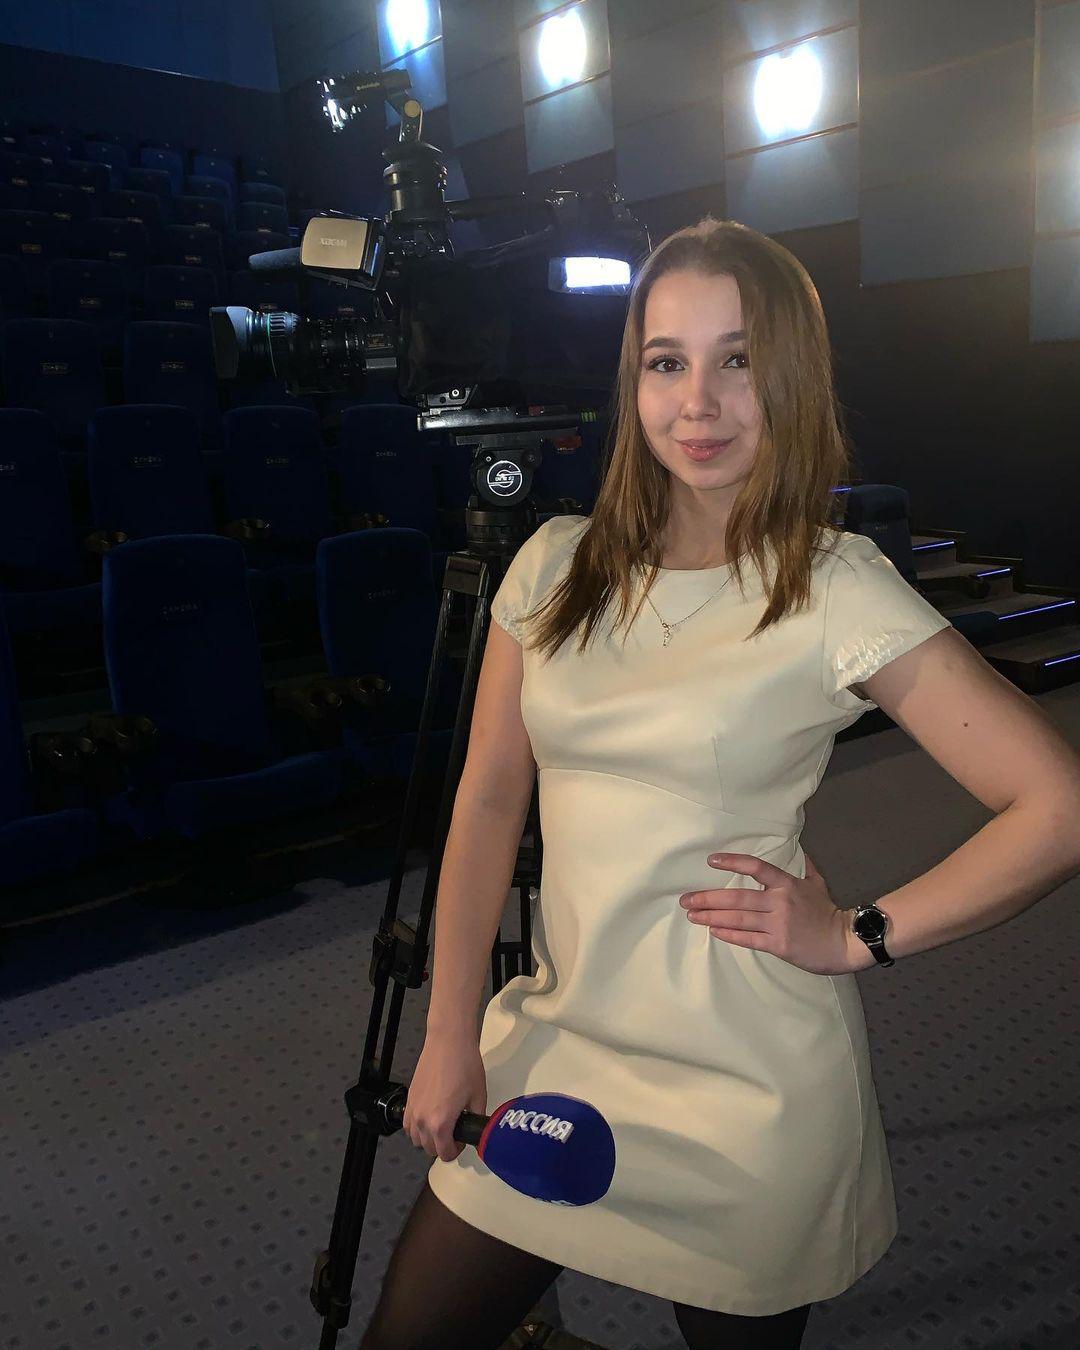 Журналистка гордится своей работой на ТВ